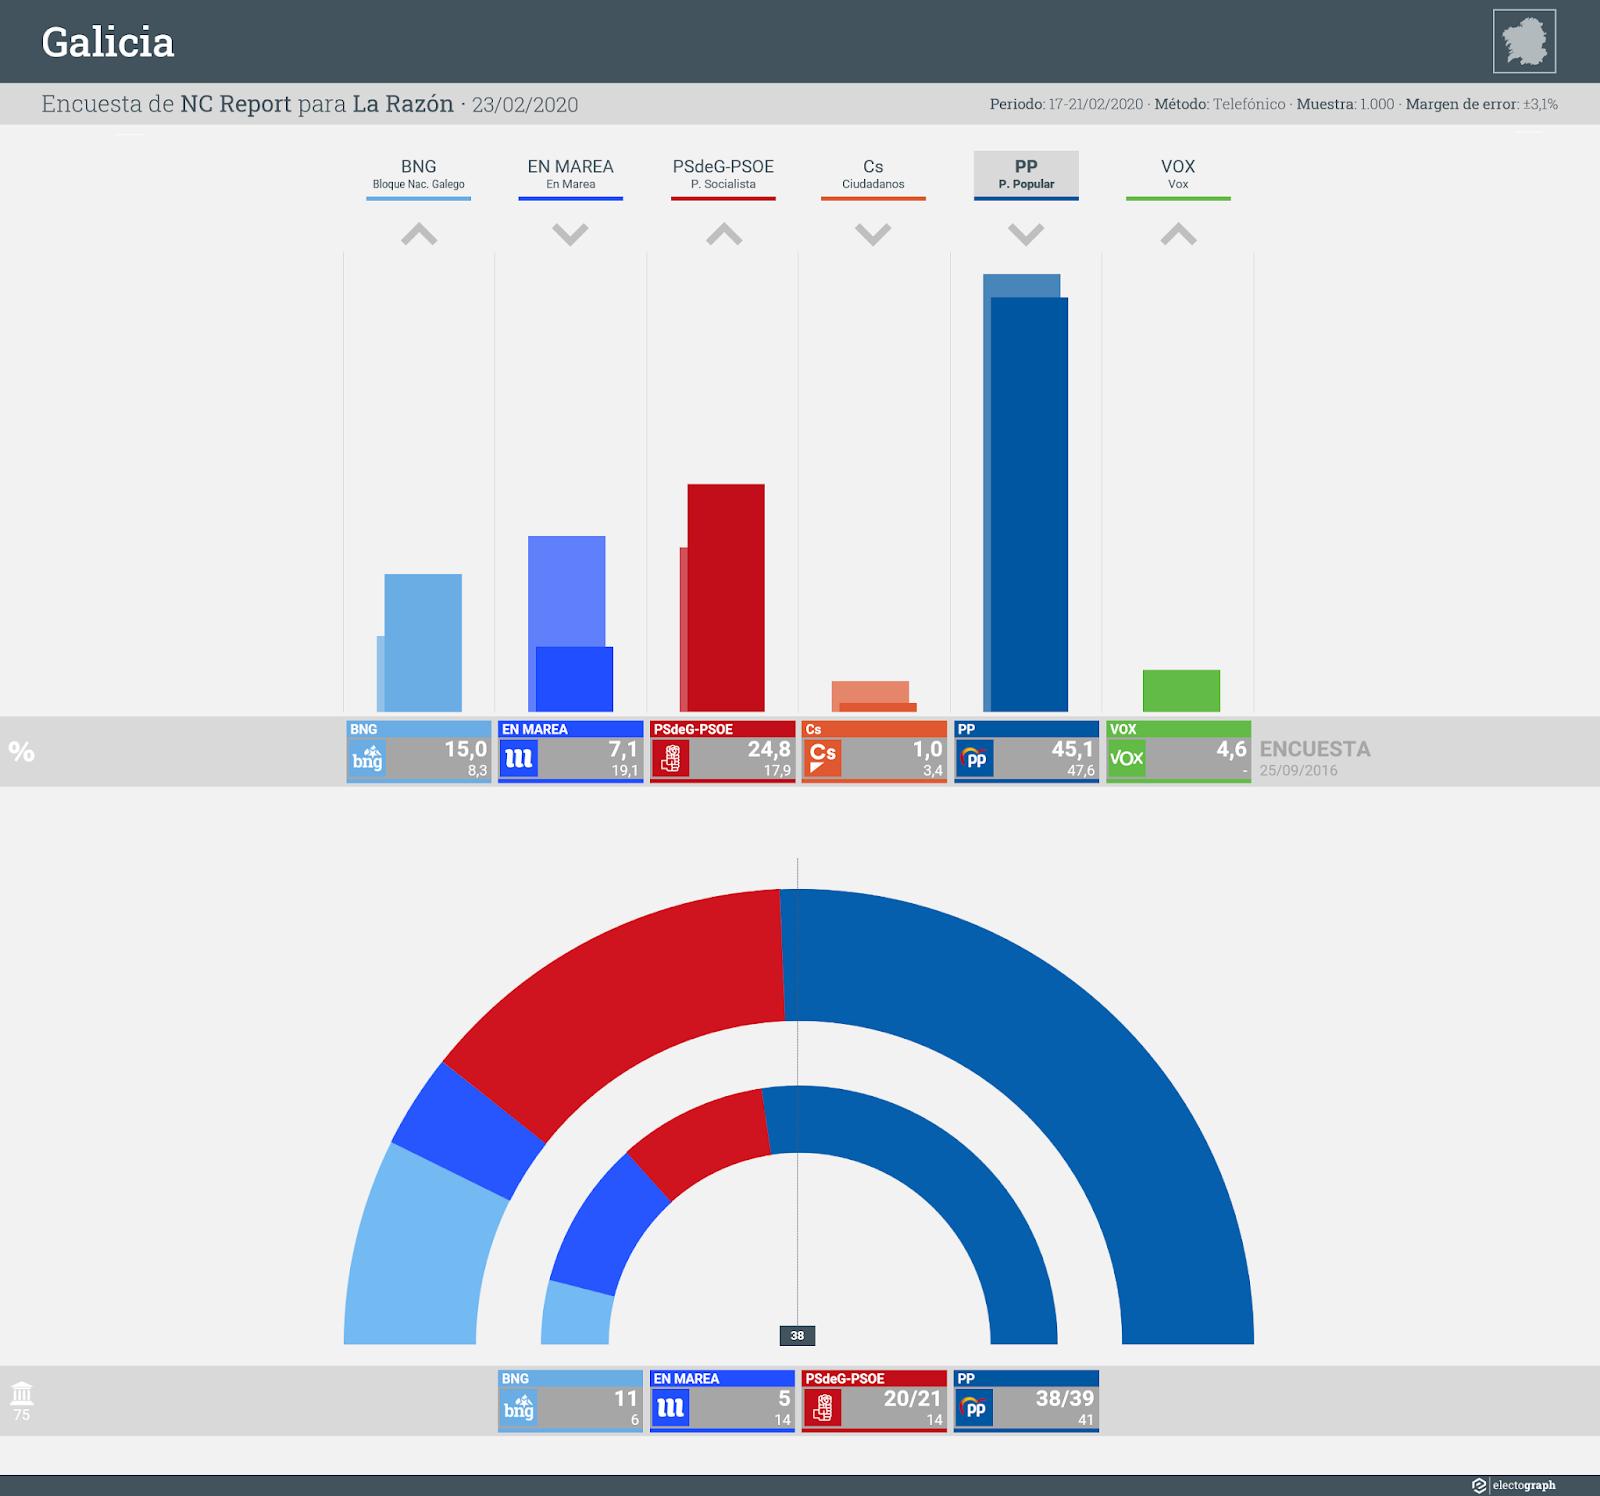 Gráfico de la encuesta para elecciones autonómicas en Galicia realizada por NC Report para La Razón, 23 de febrero de 2020